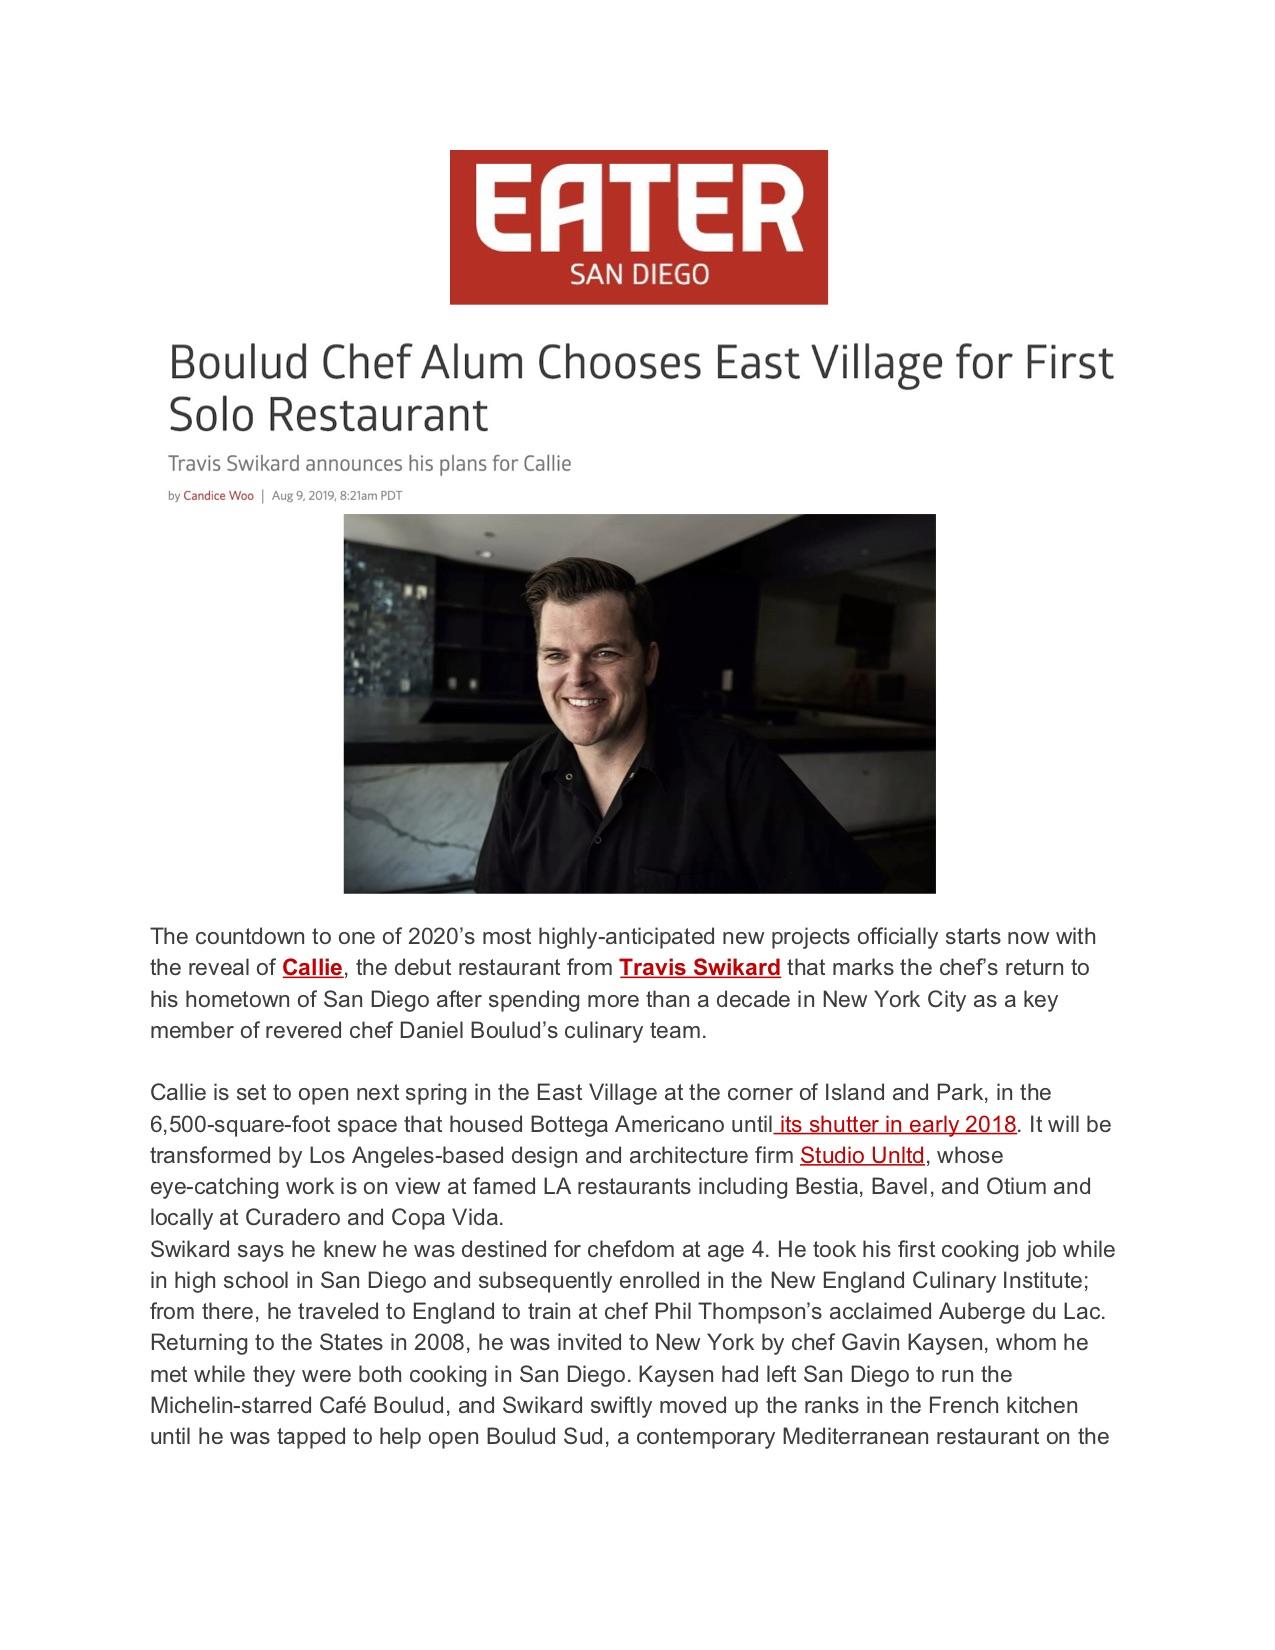 Eater San Diego 2 (1).jpg